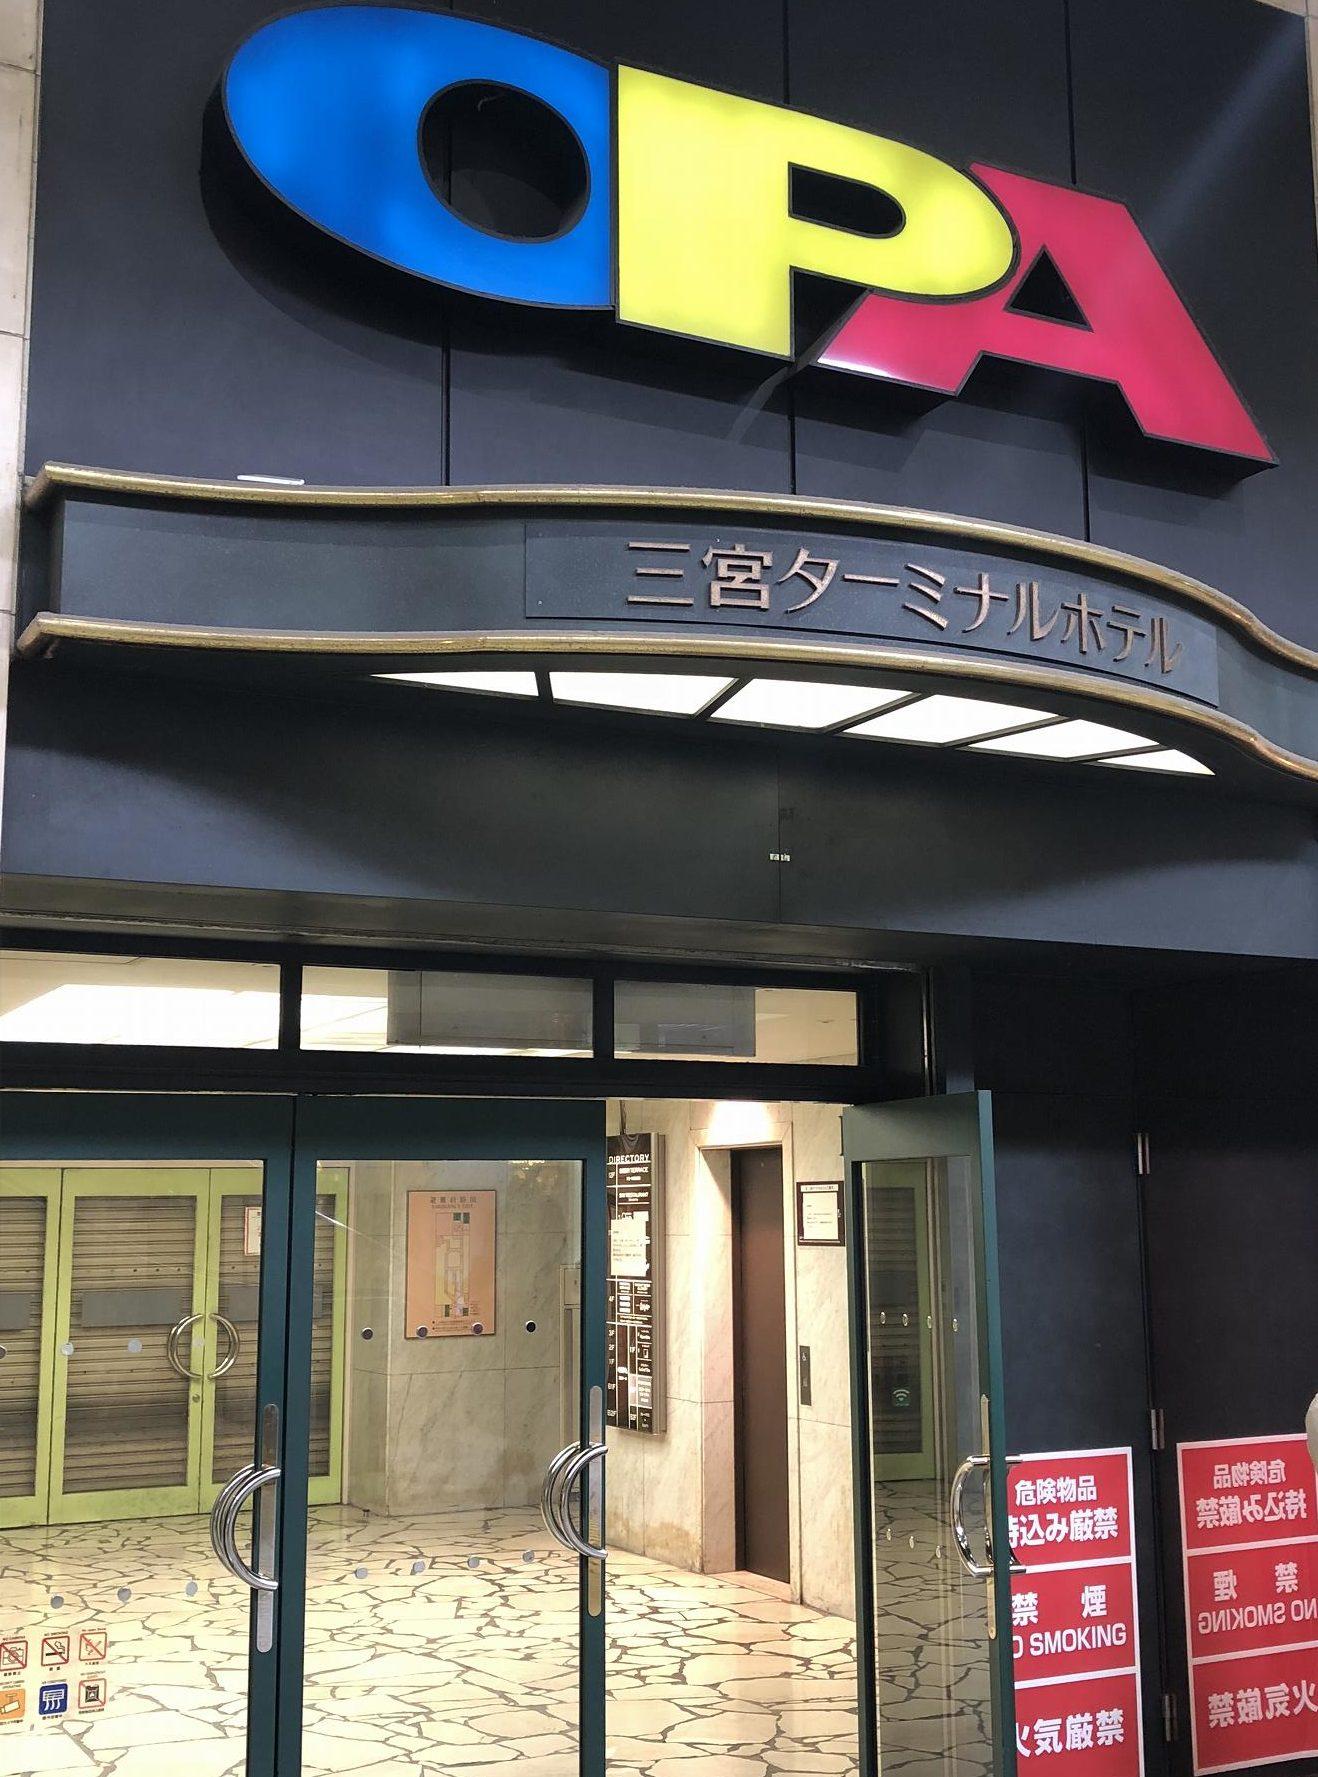 【※写真あり】「三宮オーパ」が2018年2月末で営業終了、閉店したよ #閉店情報 #三宮オーパ